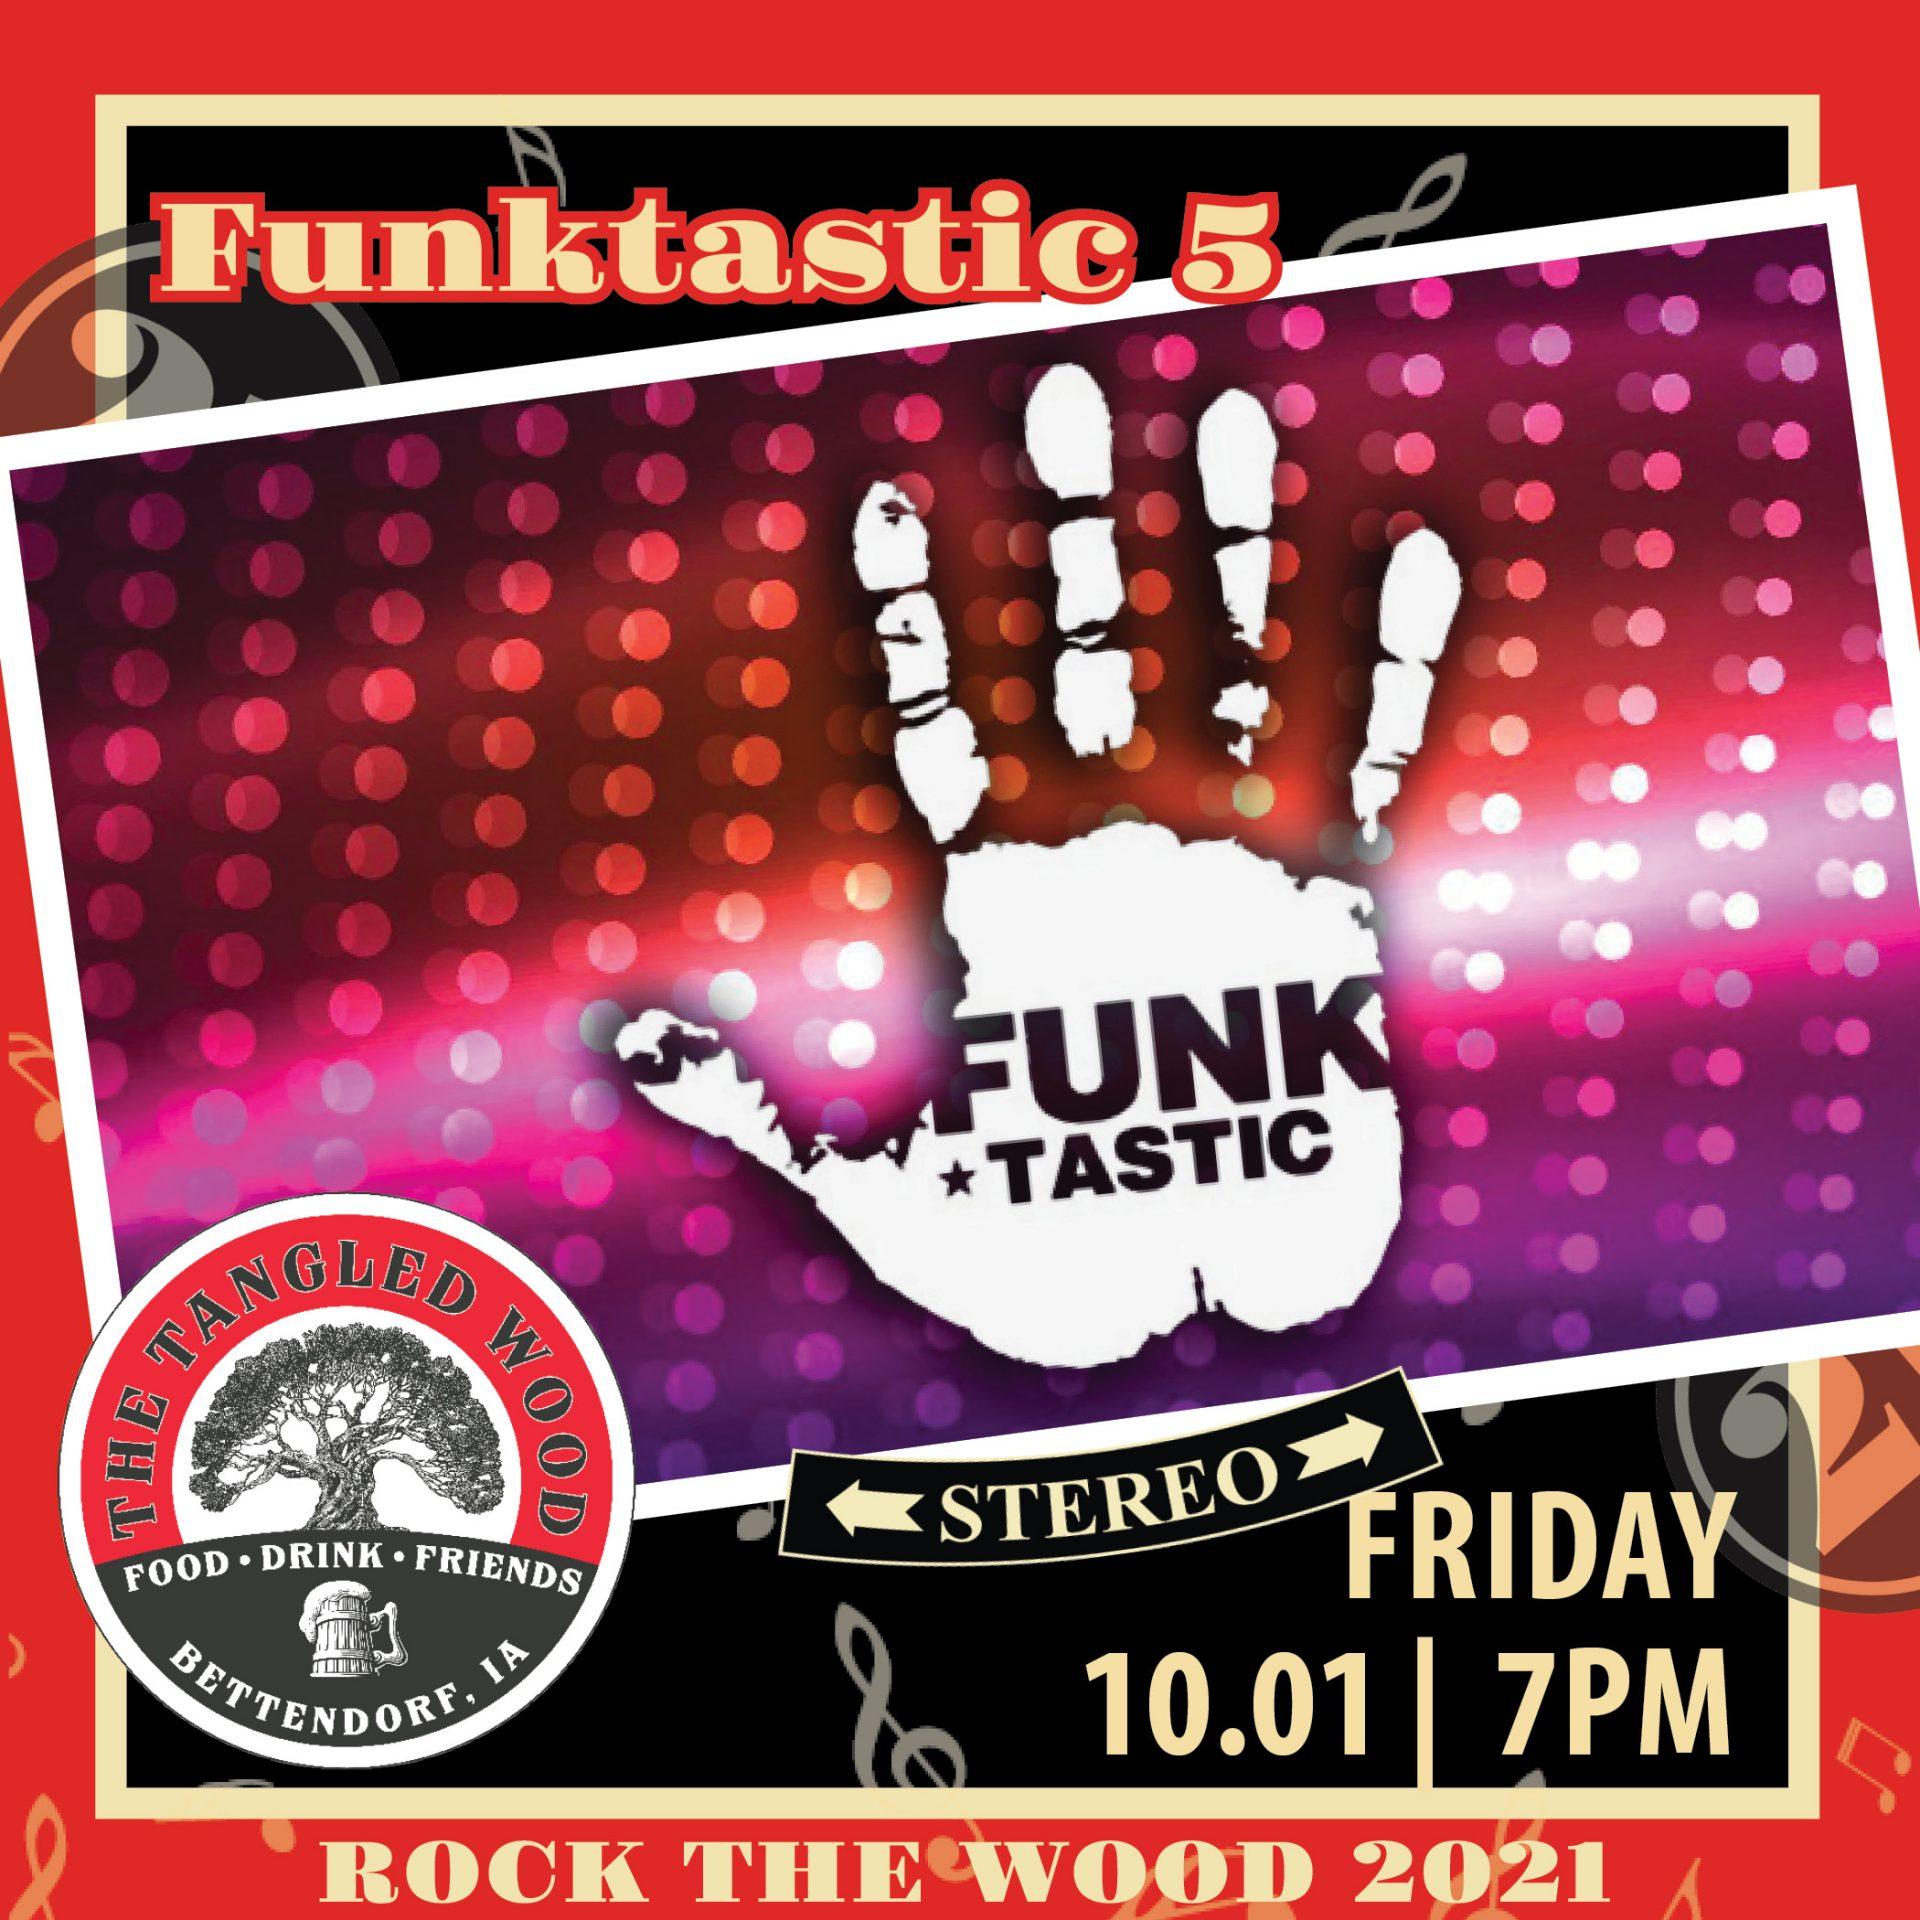 Funktastic 5